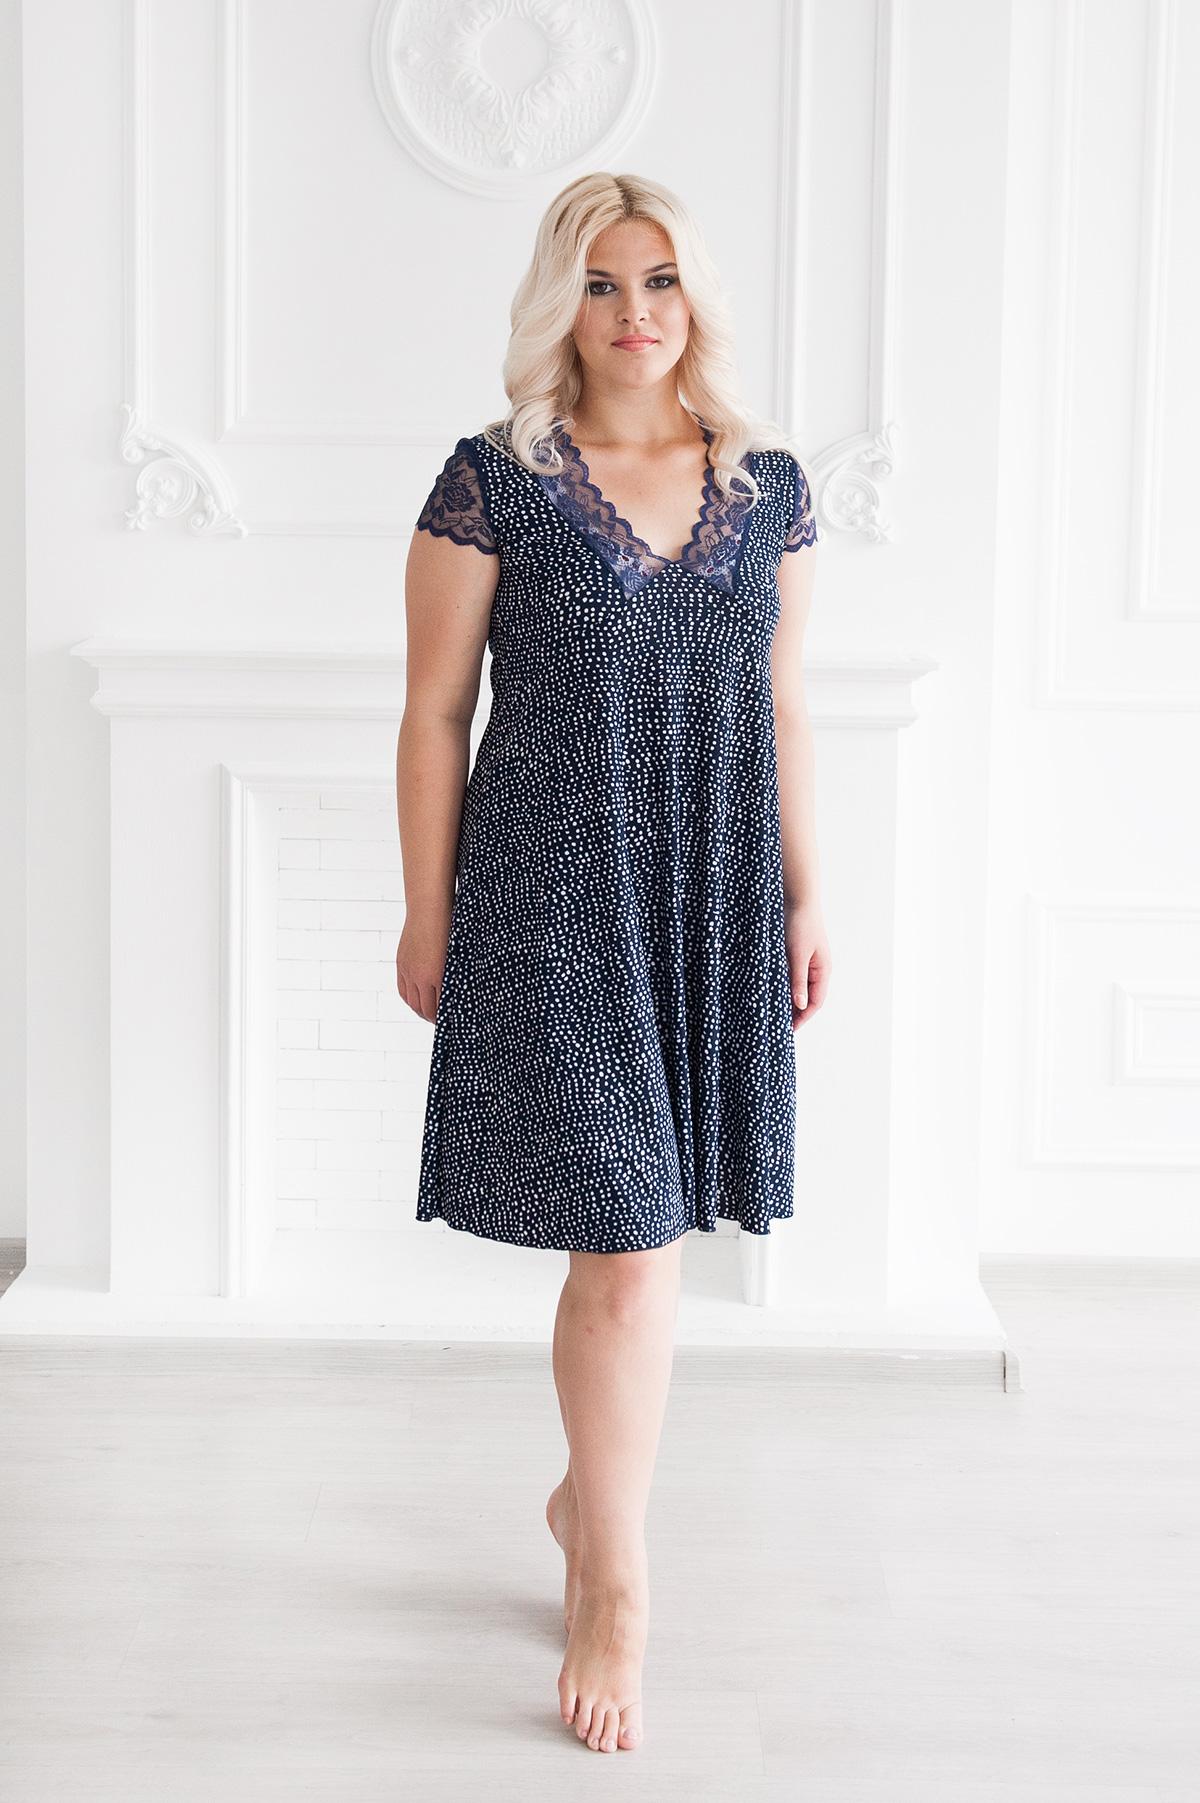 Жен. сорочка арт. 19-0026 Темно-синий р. 56Ночные сорочки<br><br><br>Тип: Жен. сорочка<br>Размер: 56<br>Материал: Масло